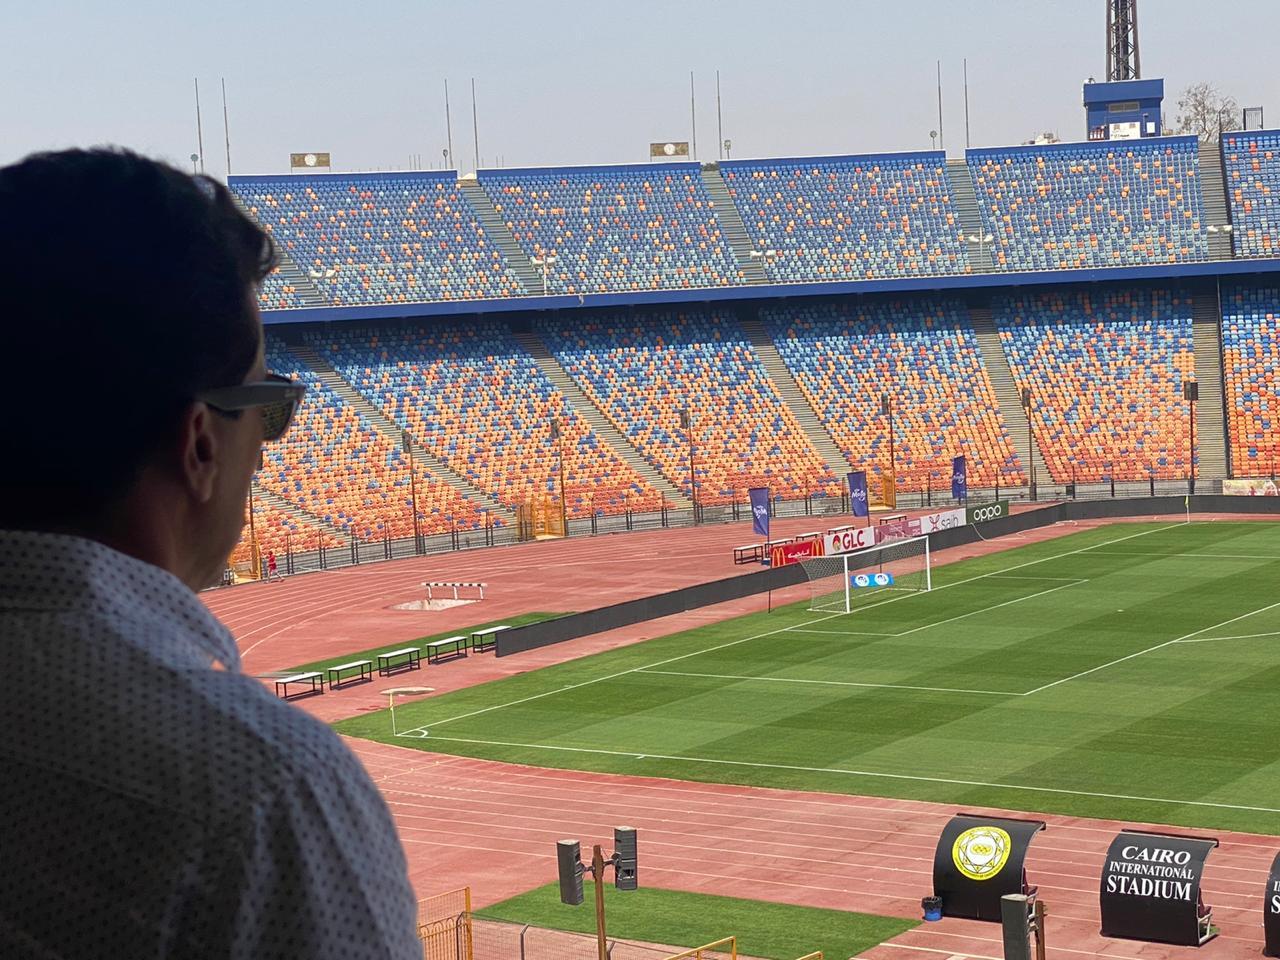 وزير الرياضة يتابع استعدادات إقامة نهائي بطولة أفريقيا باستاد القاهرة 27 نوفمبر الجاري